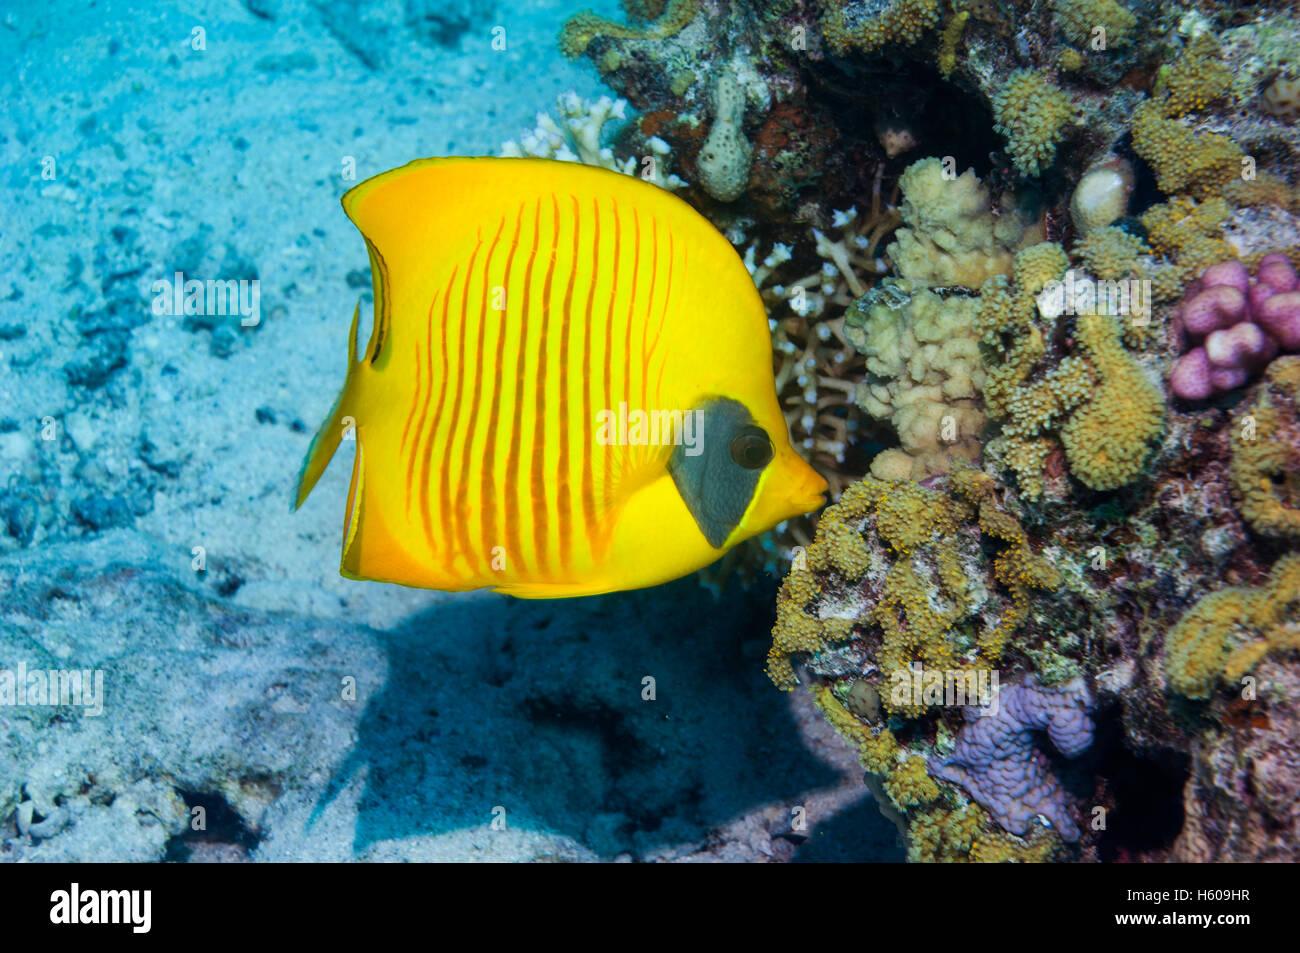 Goldene Butterflyfish [Chaetodontidae Semilarvatus] am Korallenriff.  Ägypten, Rotes Meer. Stockbild